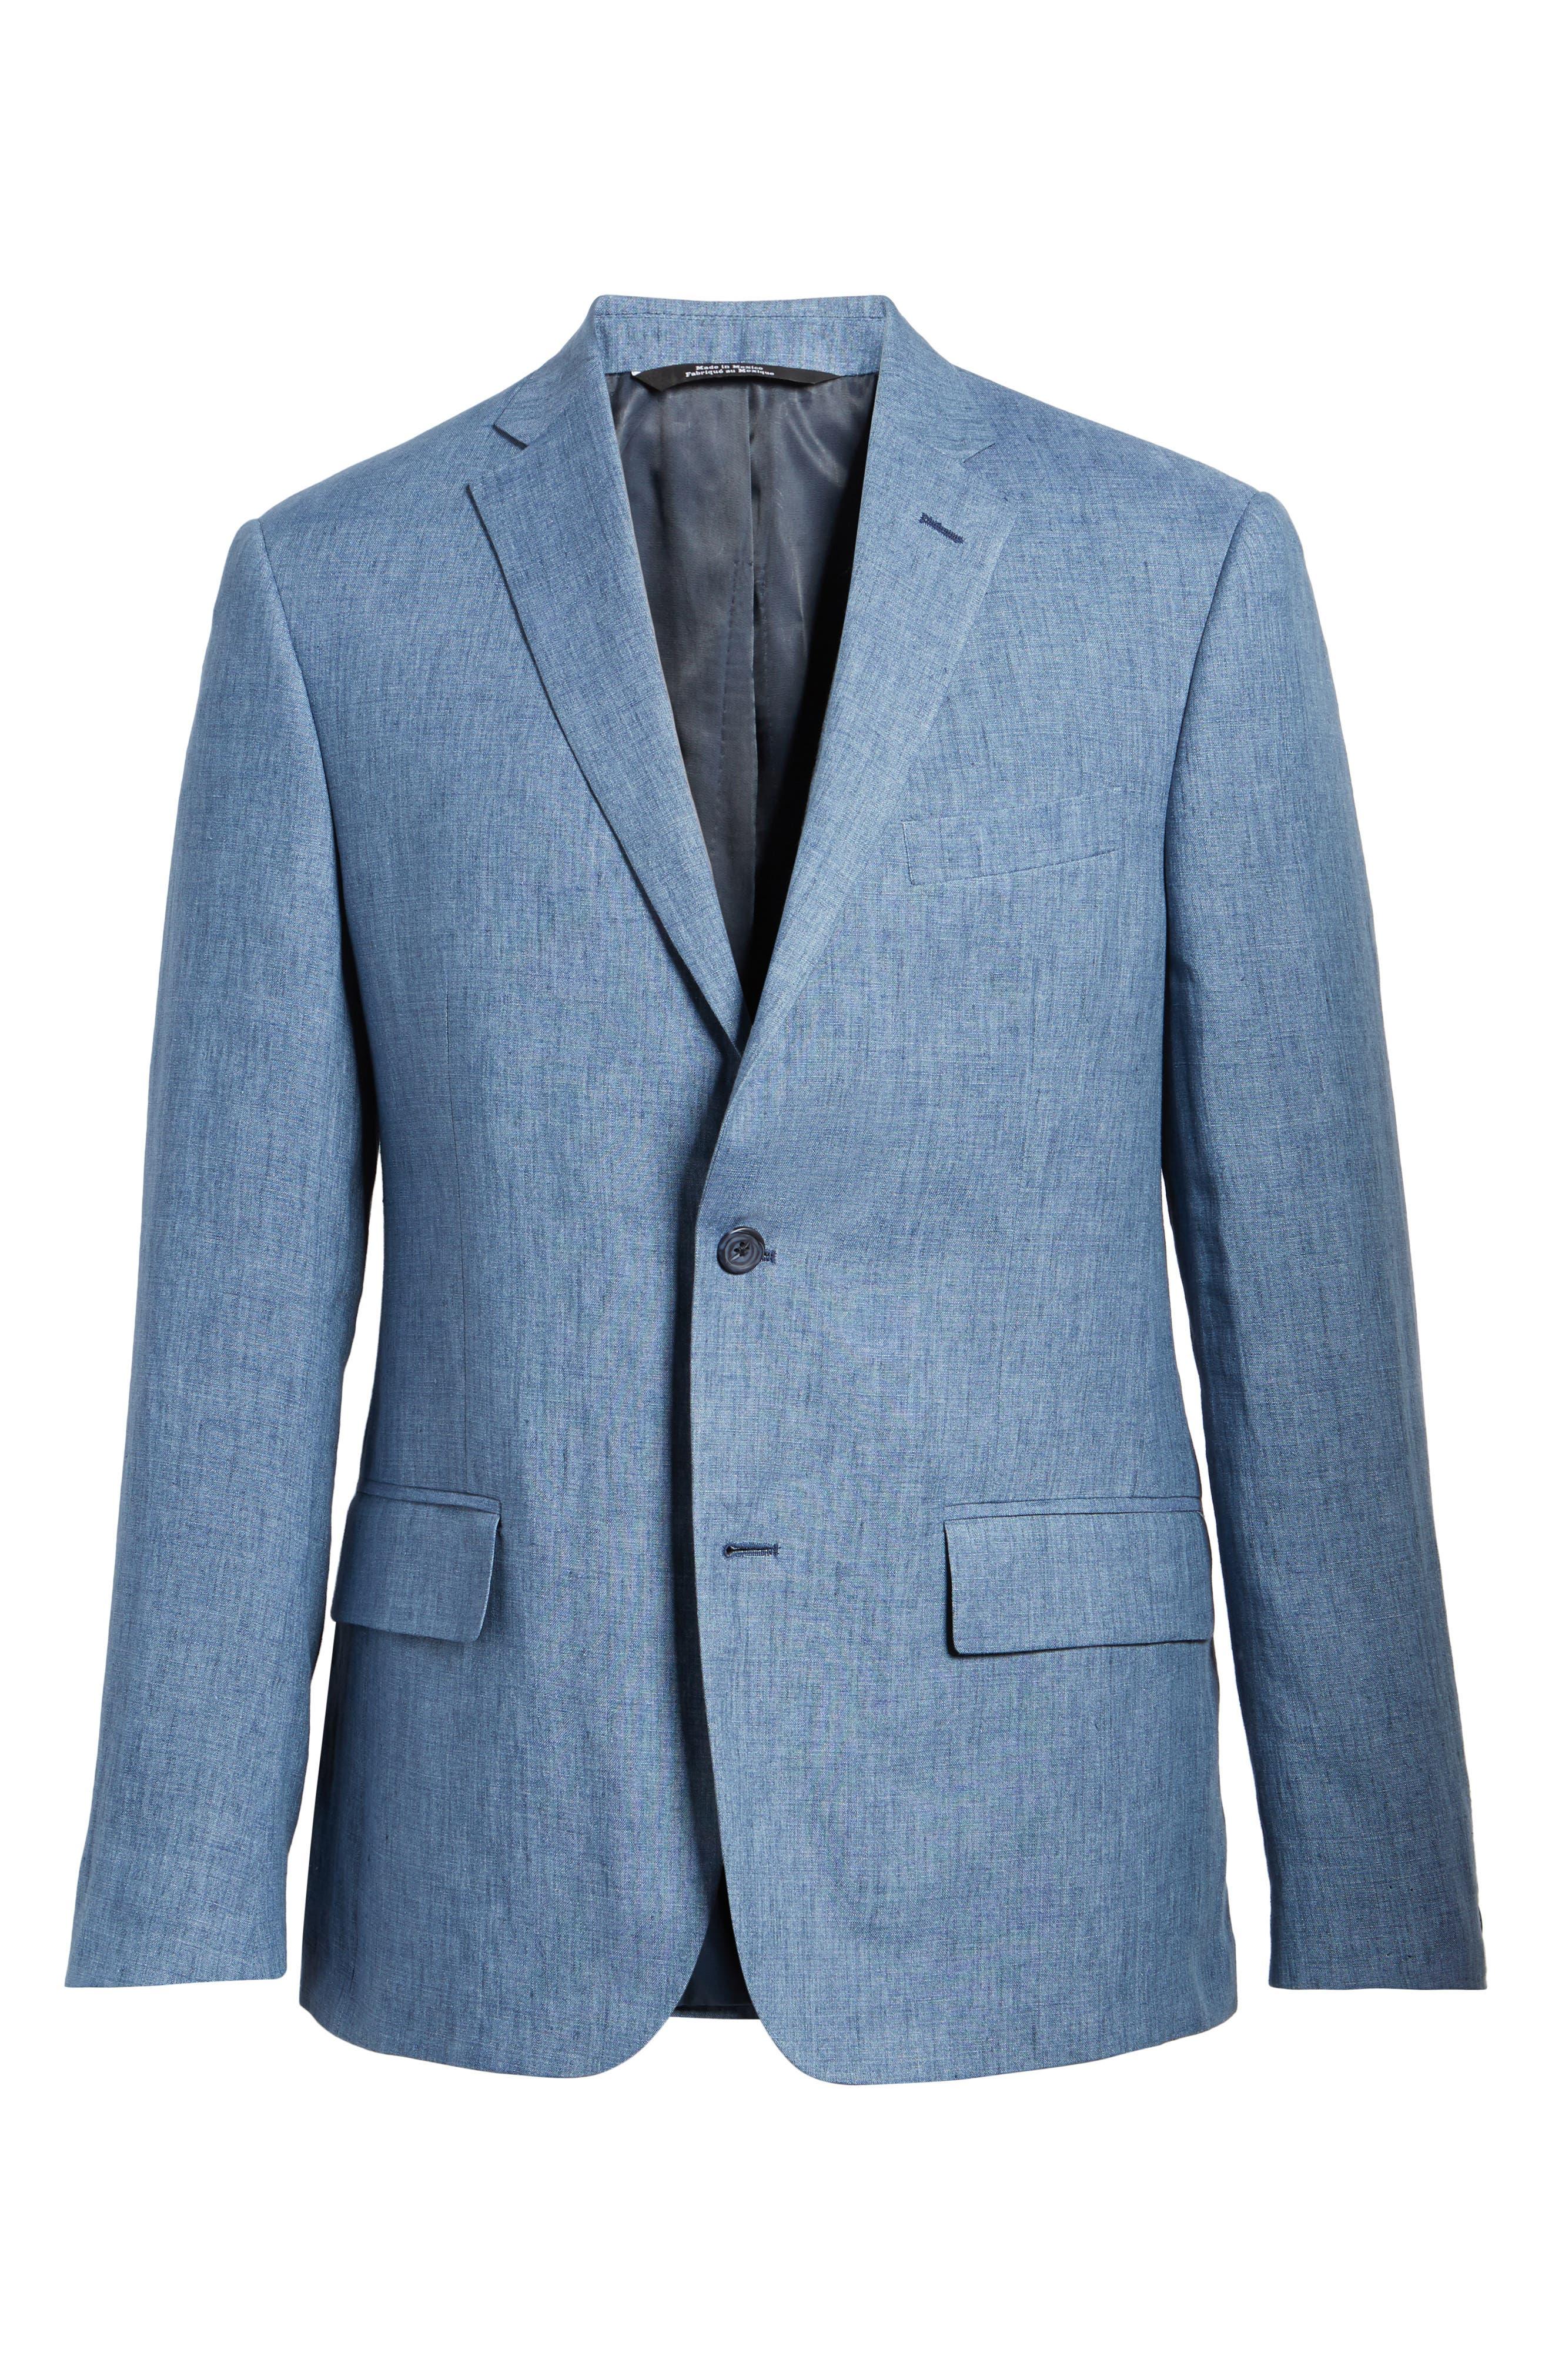 Trim Fit Linen Blazer,                             Alternate thumbnail 6, color,                             Blue Denim